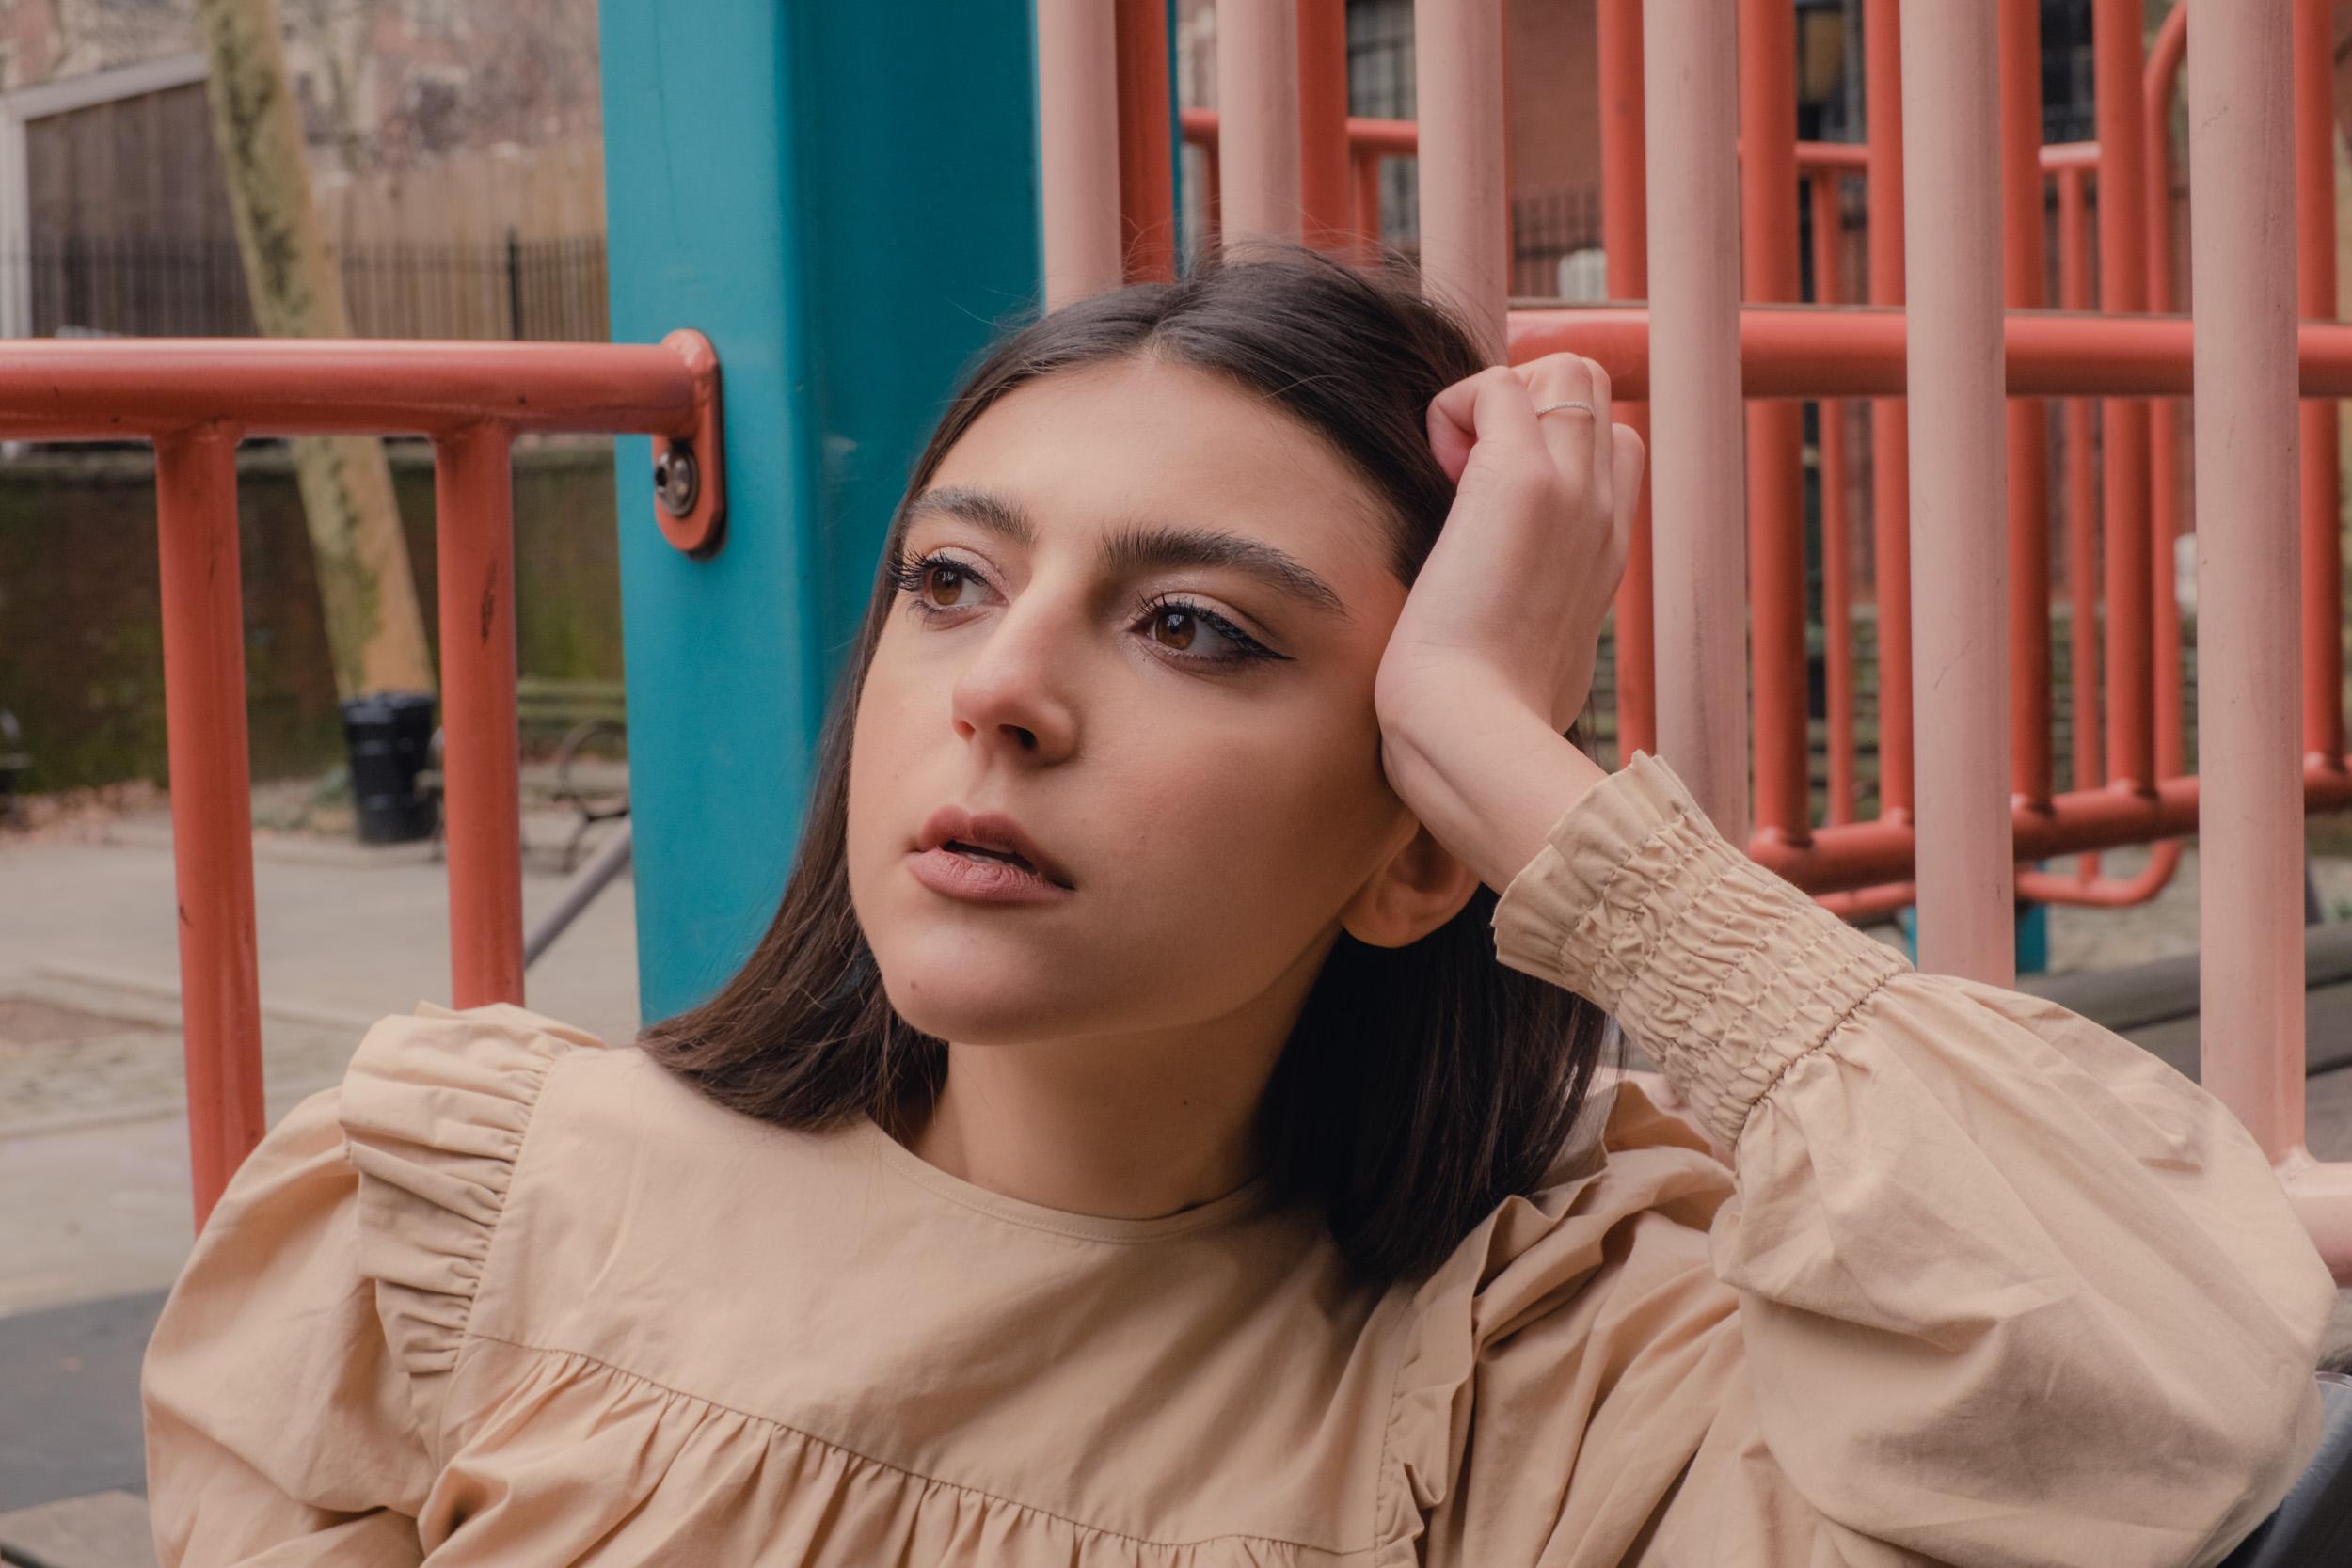 032919-NY-photo-shoot-viktoria-sribna-176.jpg